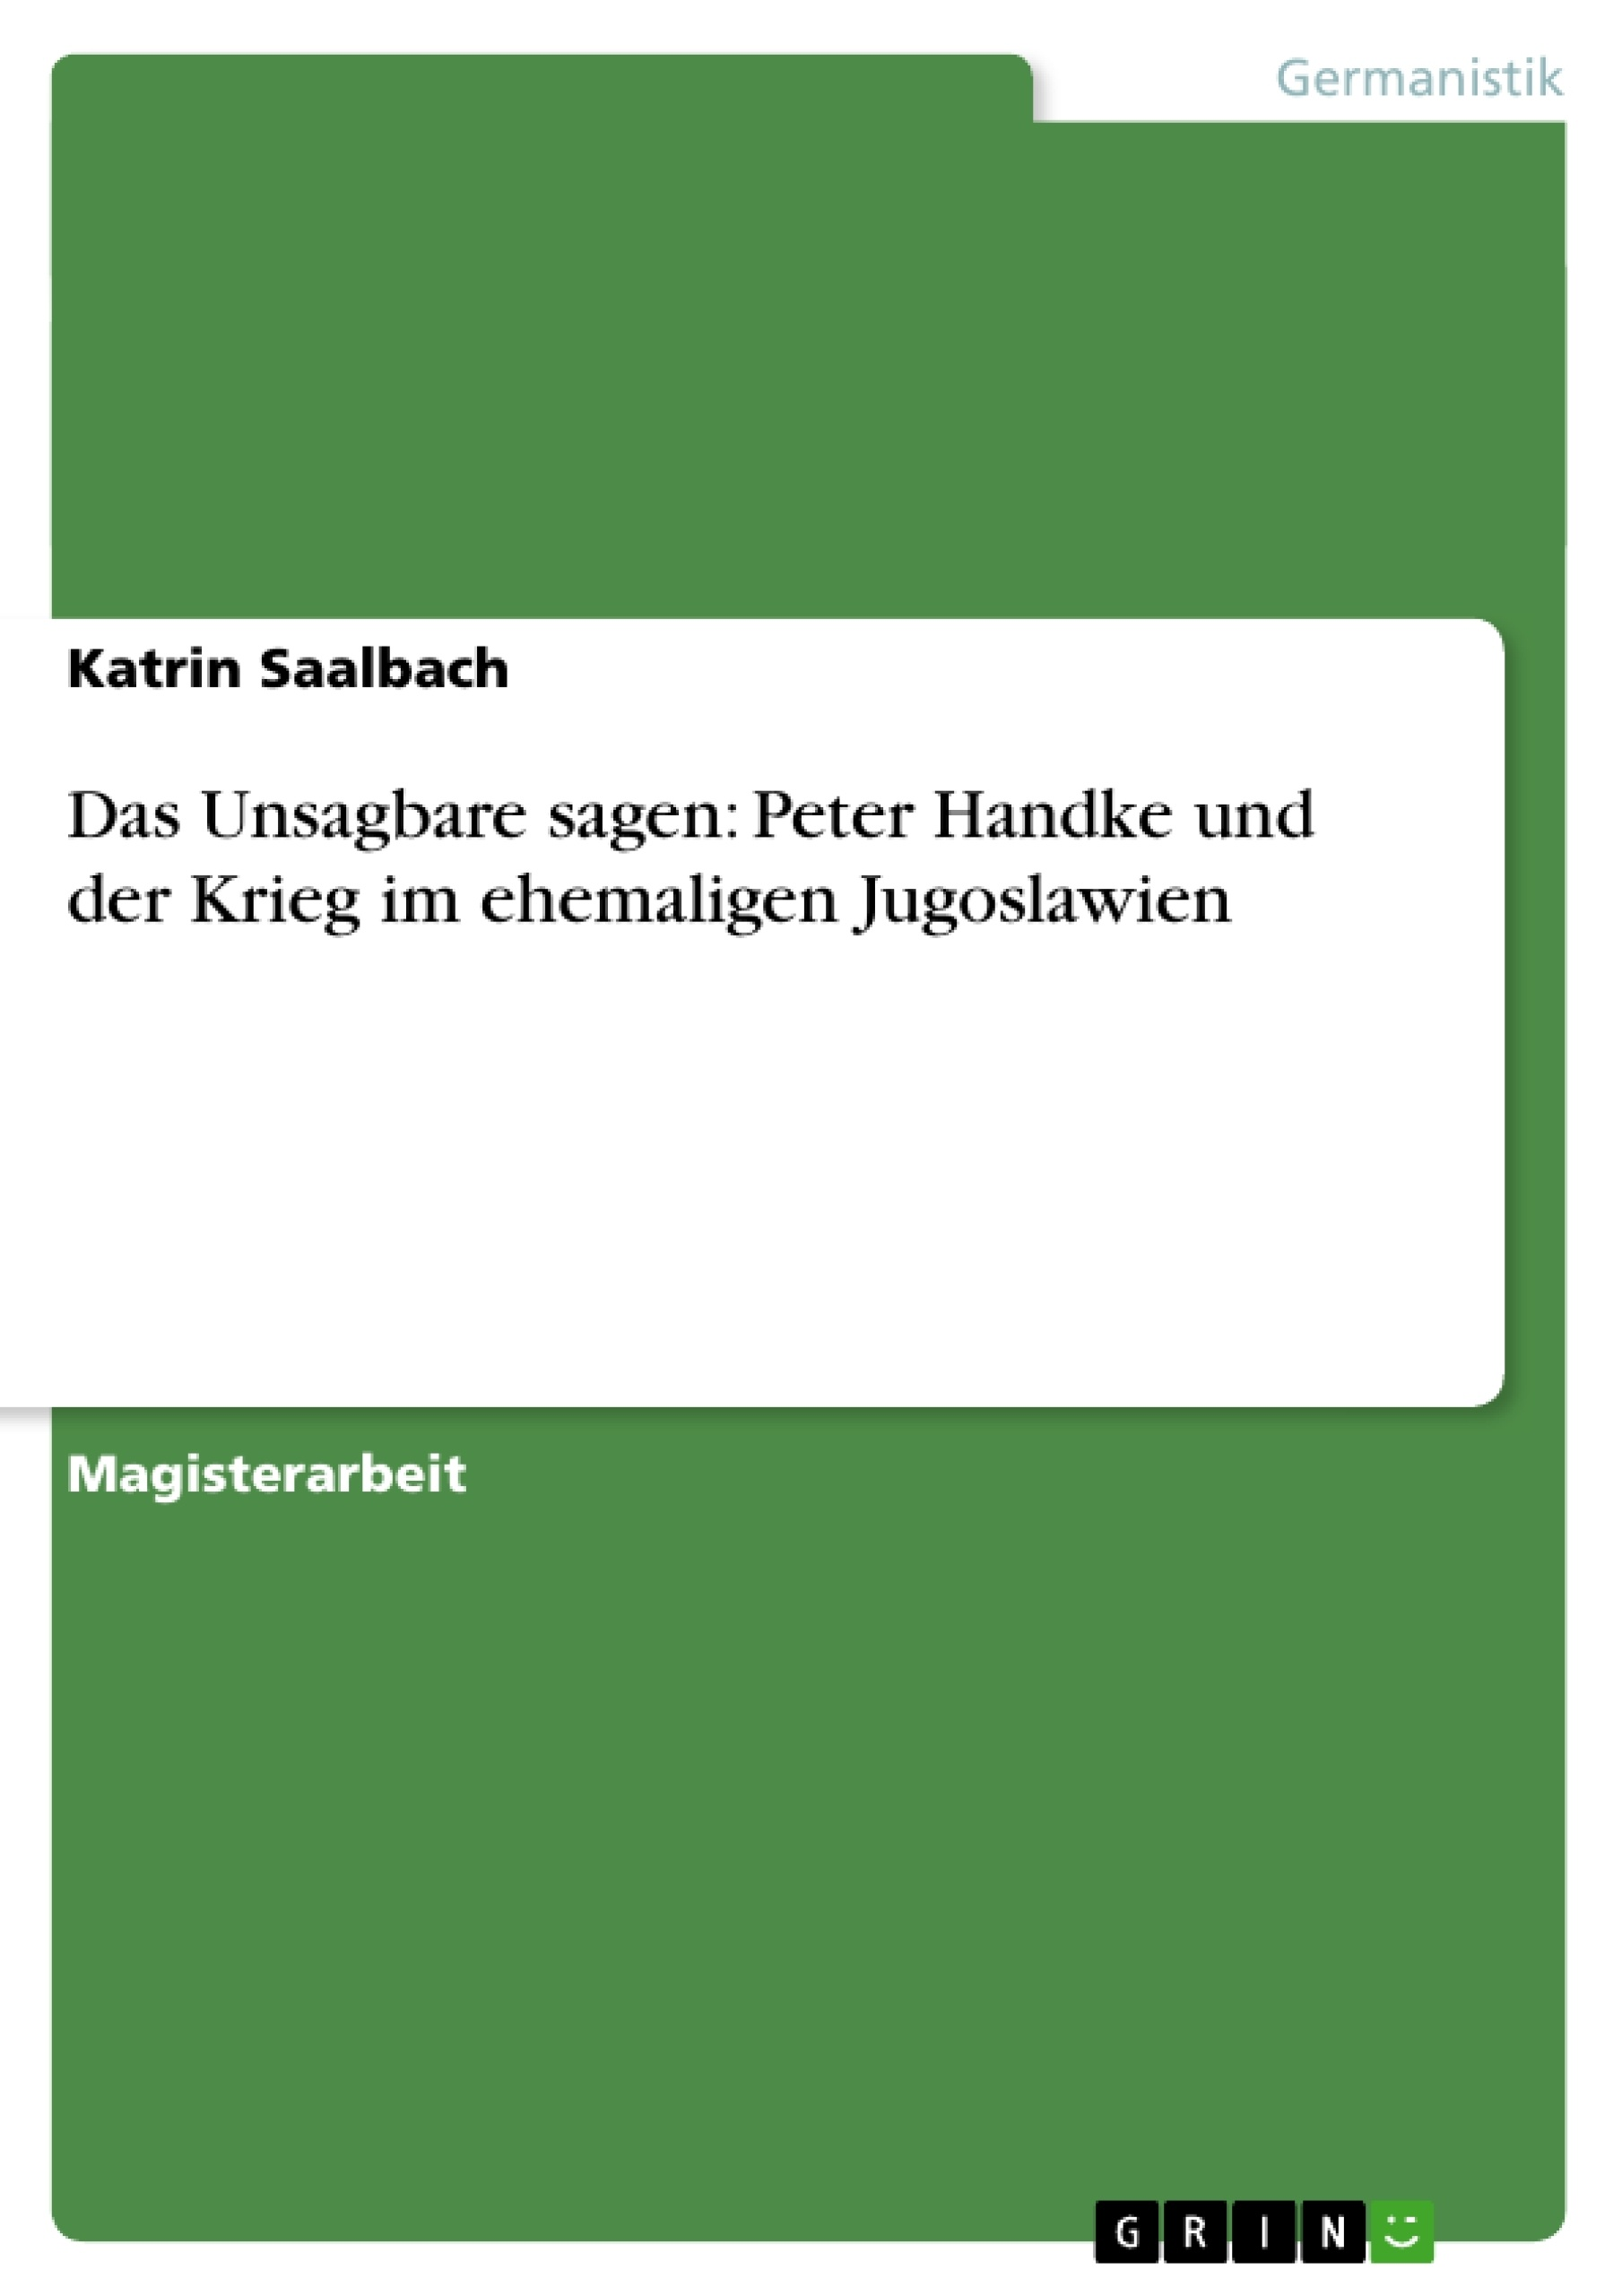 Titel: Das Unsagbare sagen: Peter Handke und der Krieg im ehemaligen Jugoslawien